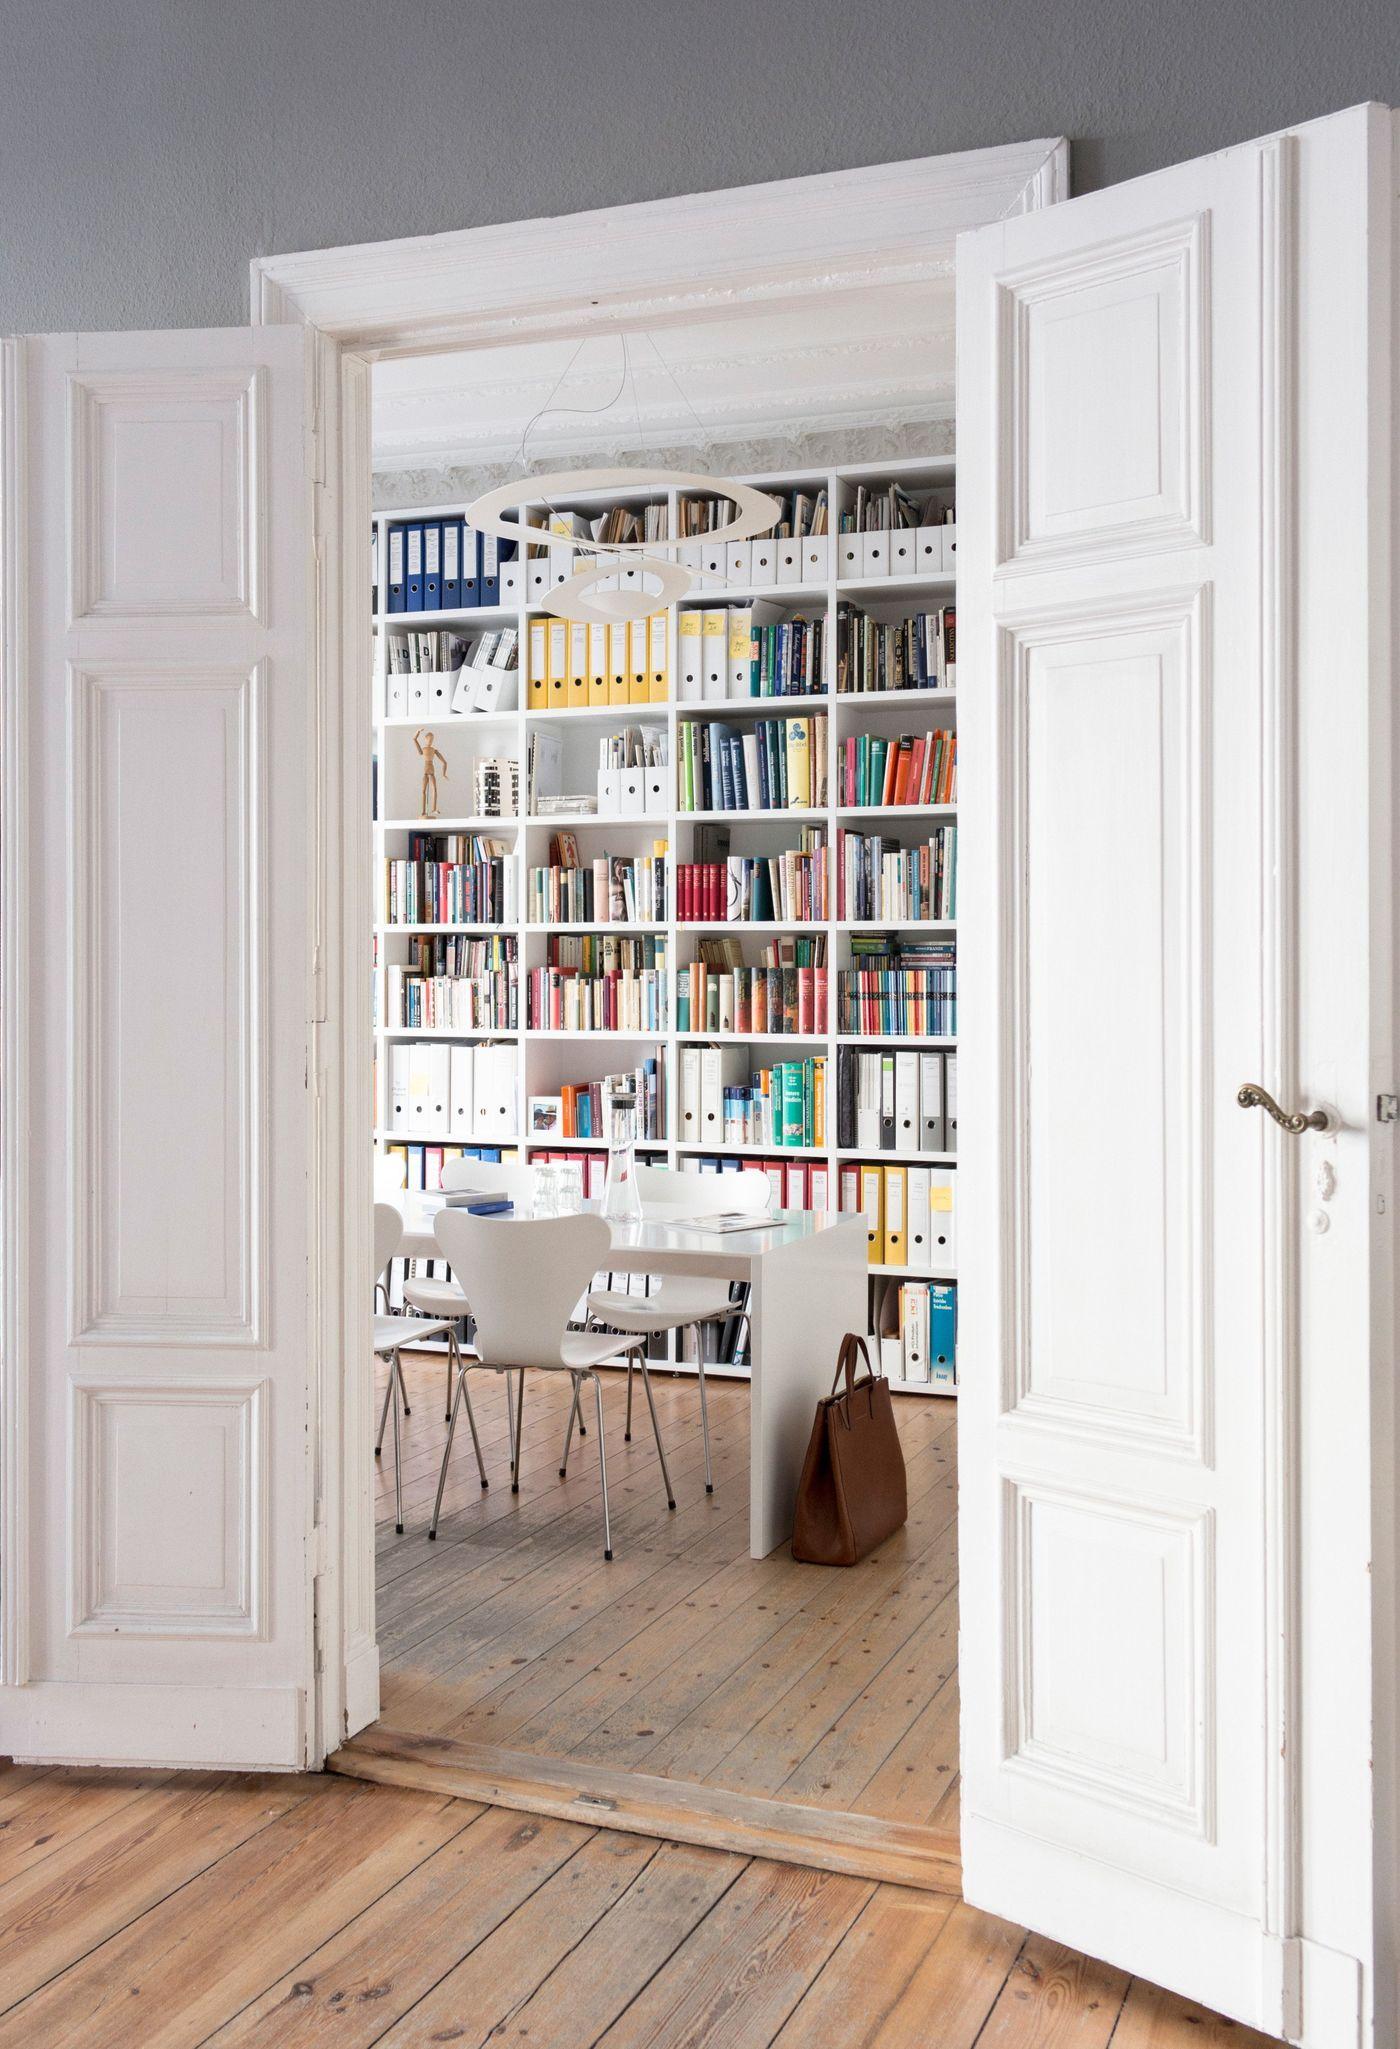 b ro einrichten die besten ideen f r dein home office. Black Bedroom Furniture Sets. Home Design Ideas